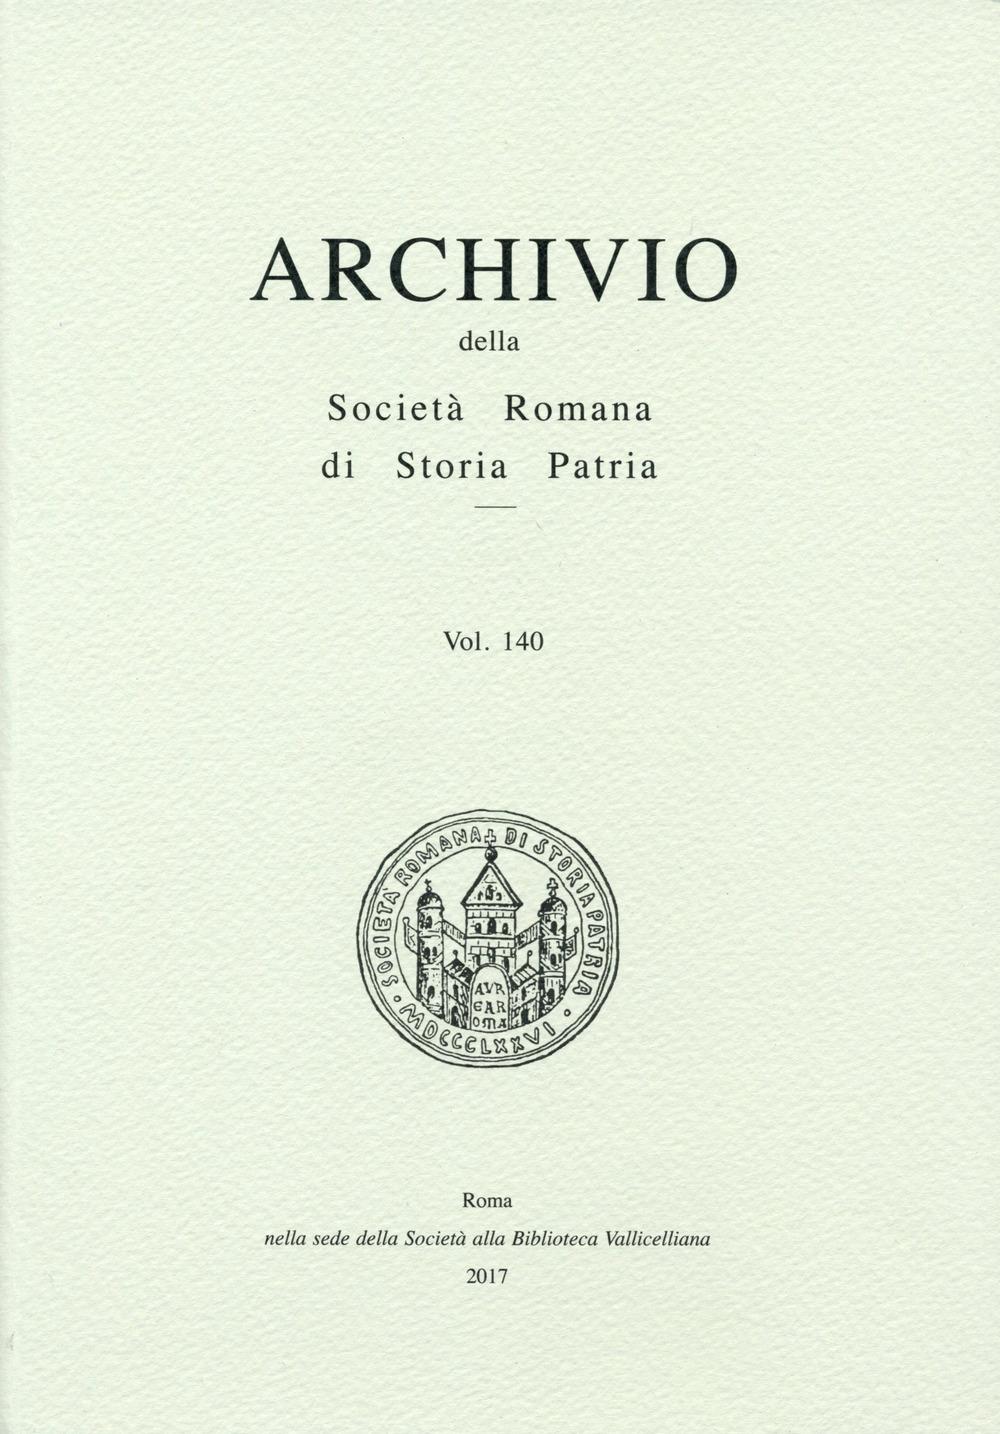 Archivio della Società romana di storia patria. Vol. 140